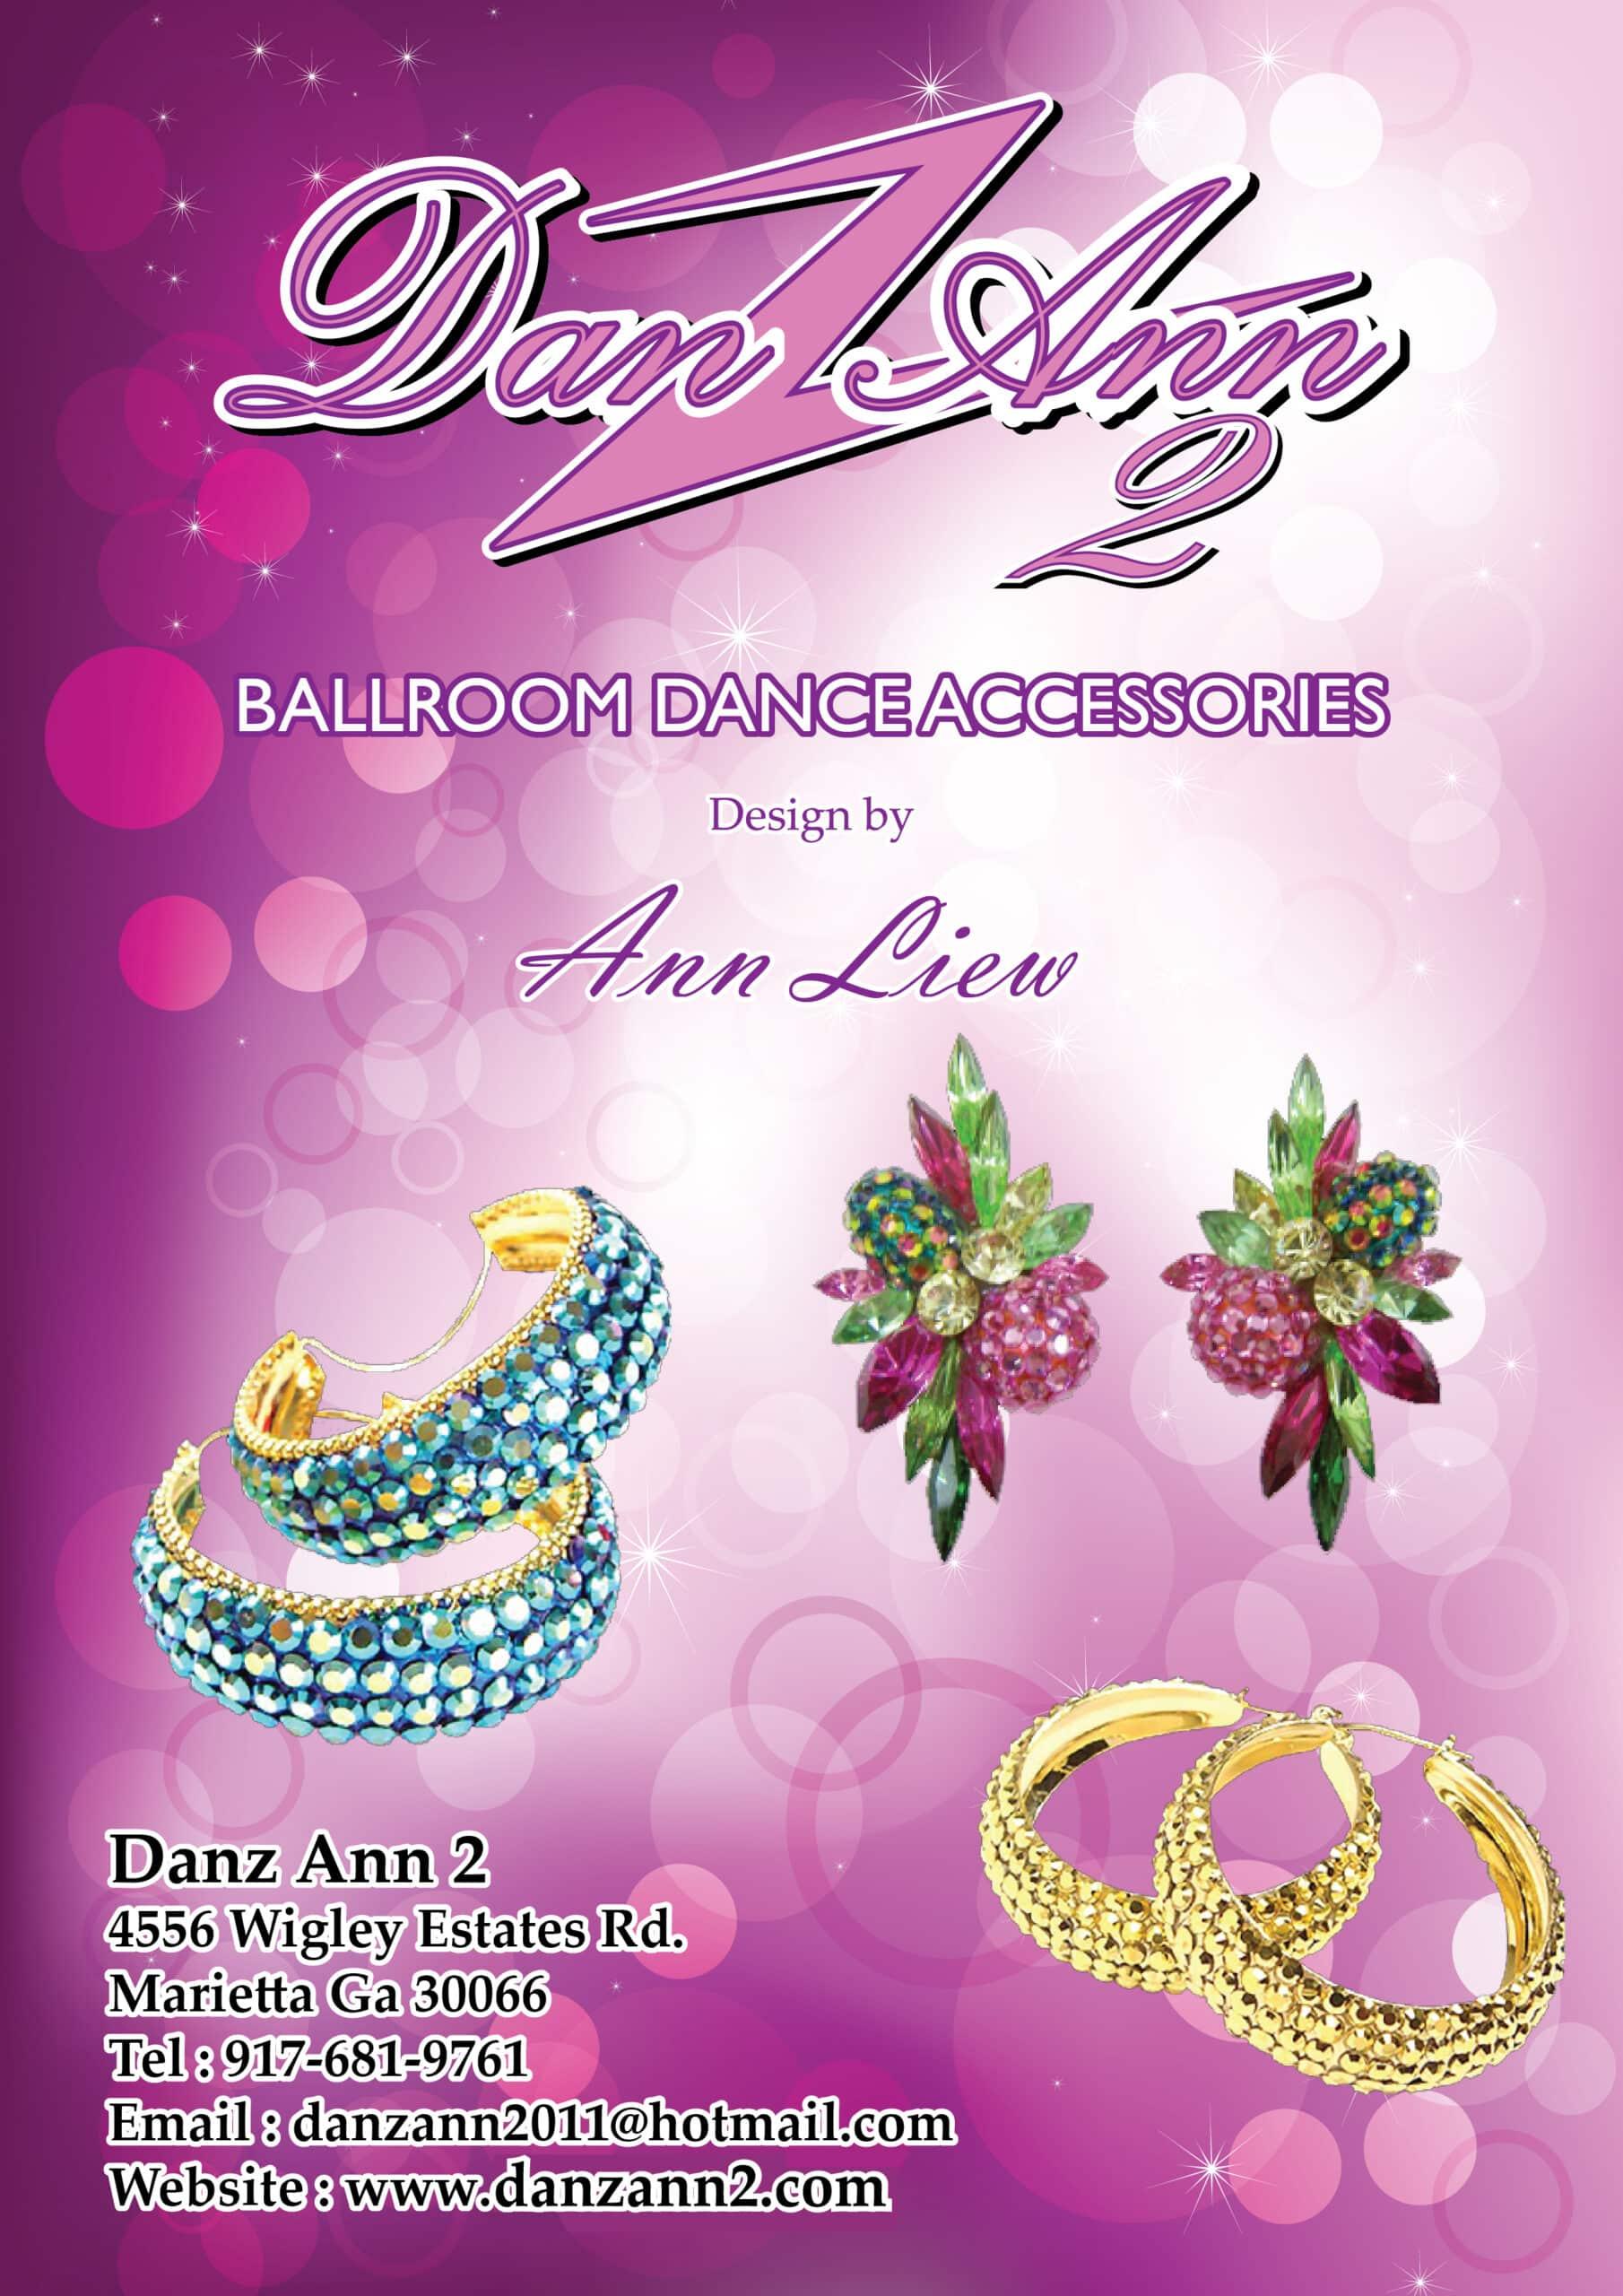 Danz Ann 2